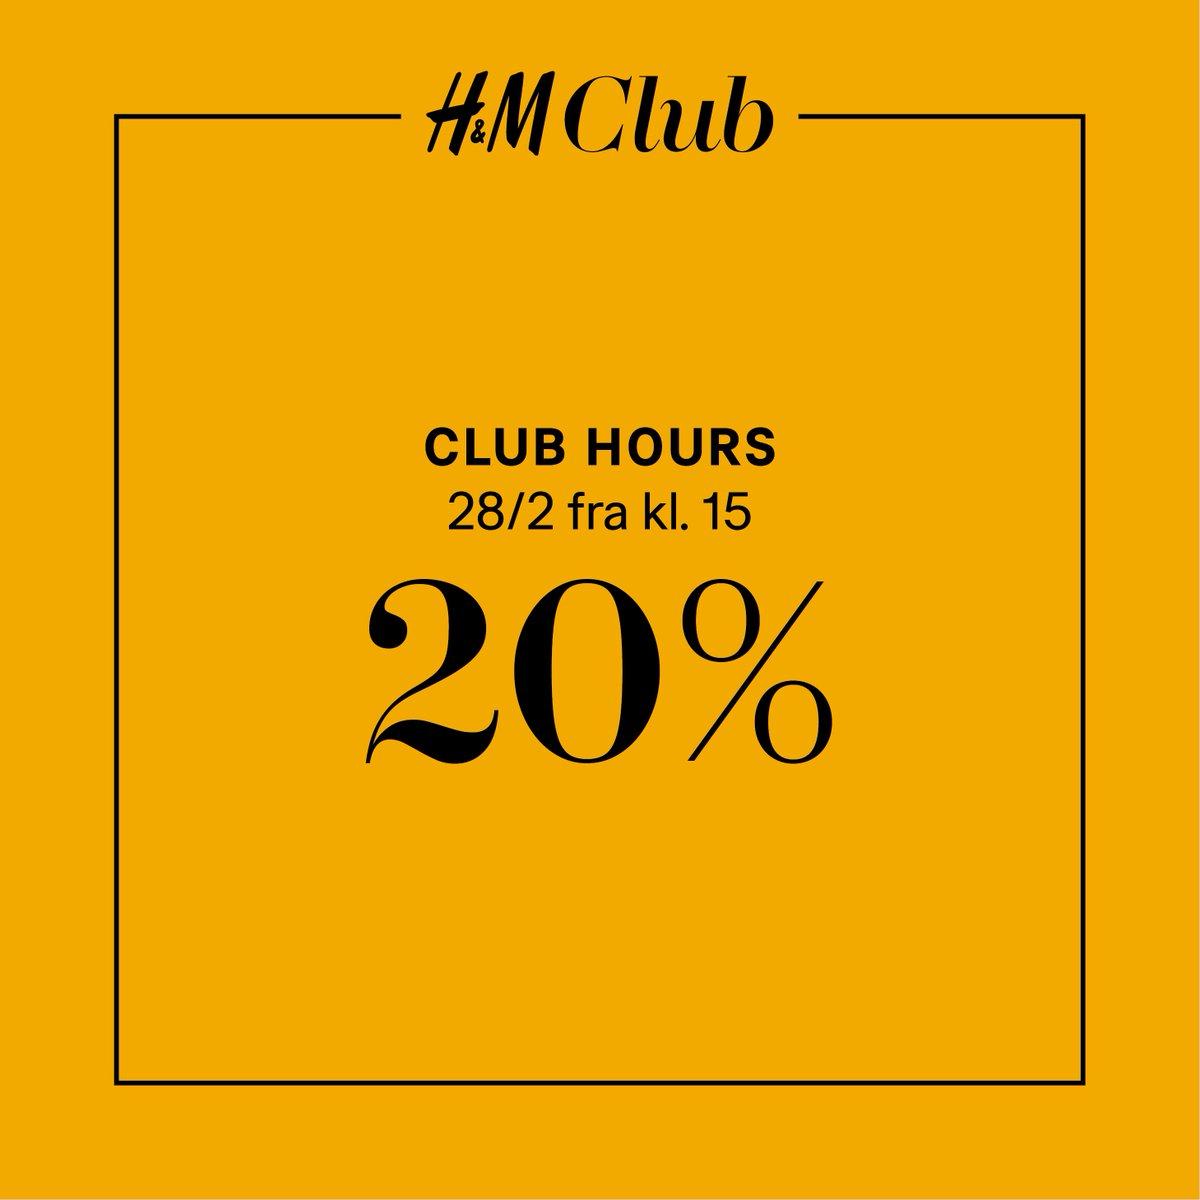 CLUB HOURS i morgen fra kl. 15! Få 20% RABAT på dit køb i alle H&M-butikker og online - i butikkerne fra kl. 15 til lukketid og fra kl. 15-20 online. Rabatten opnås ved indløsning af Club-reward. Kan ikke kombineres med andre tilbud og rabatter og gælder ikke ved køb af gavekort. https://t.co/sQdOADkcUA